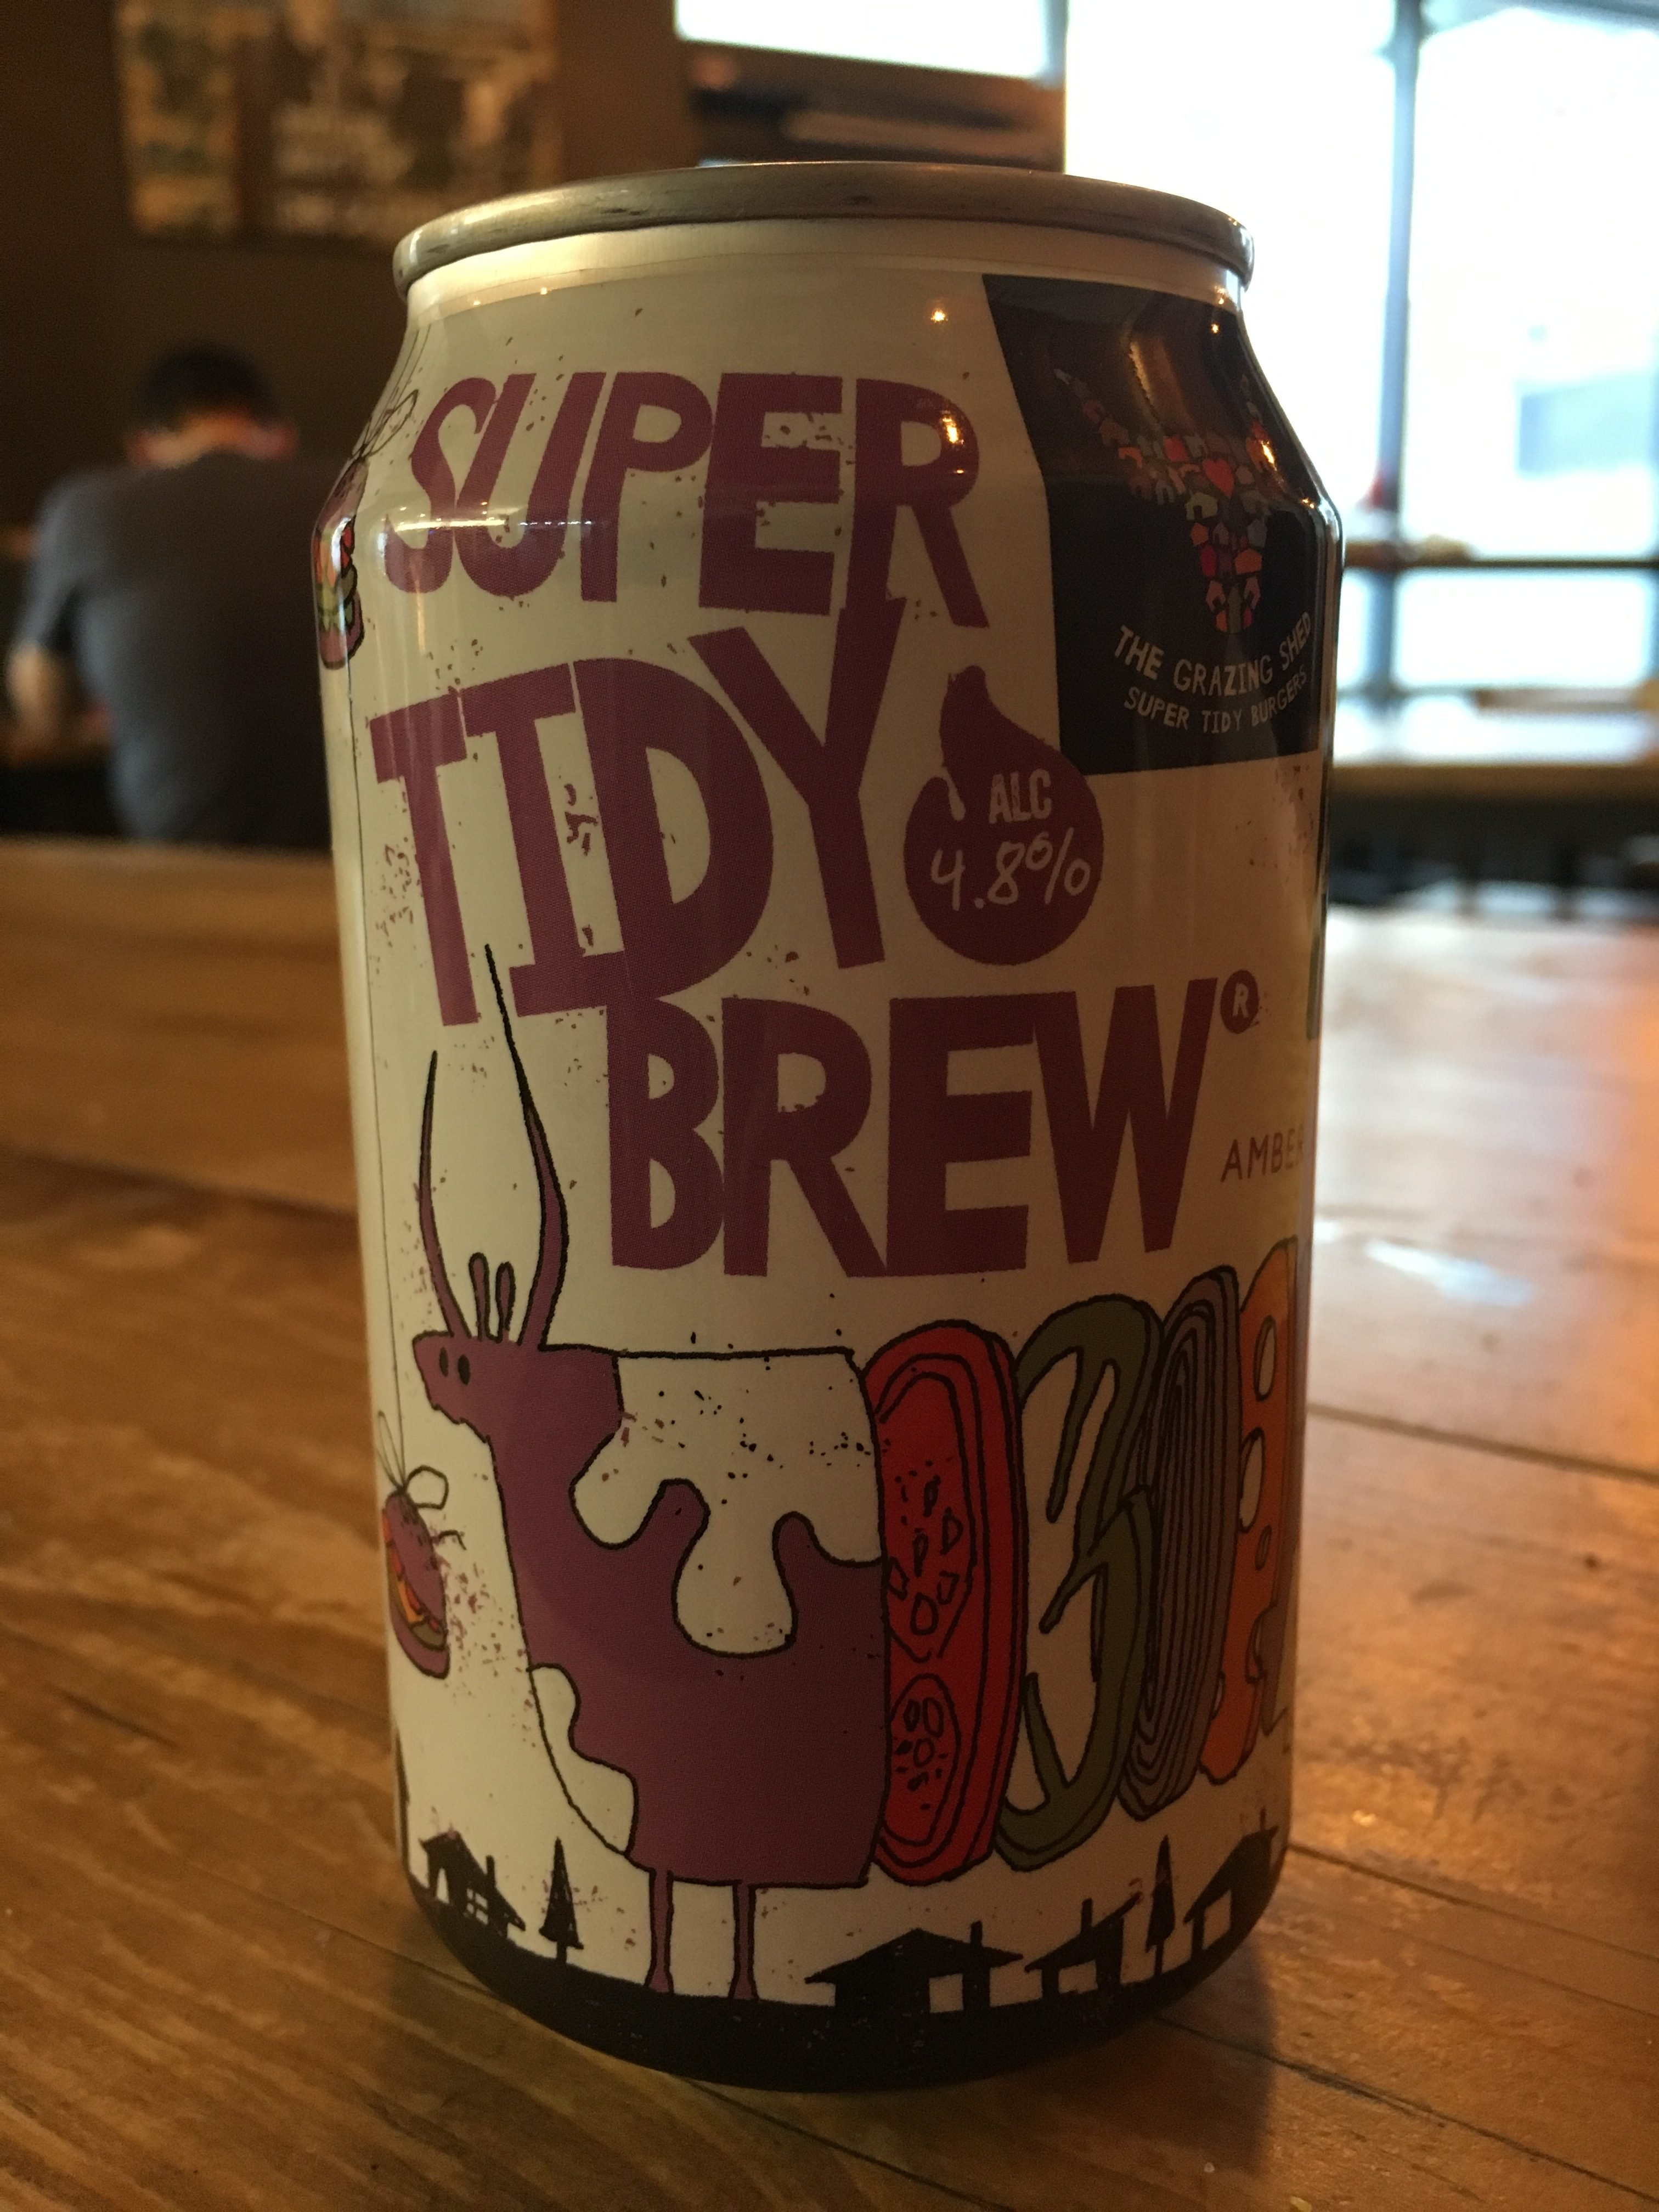 Super Tidy Brew in a can